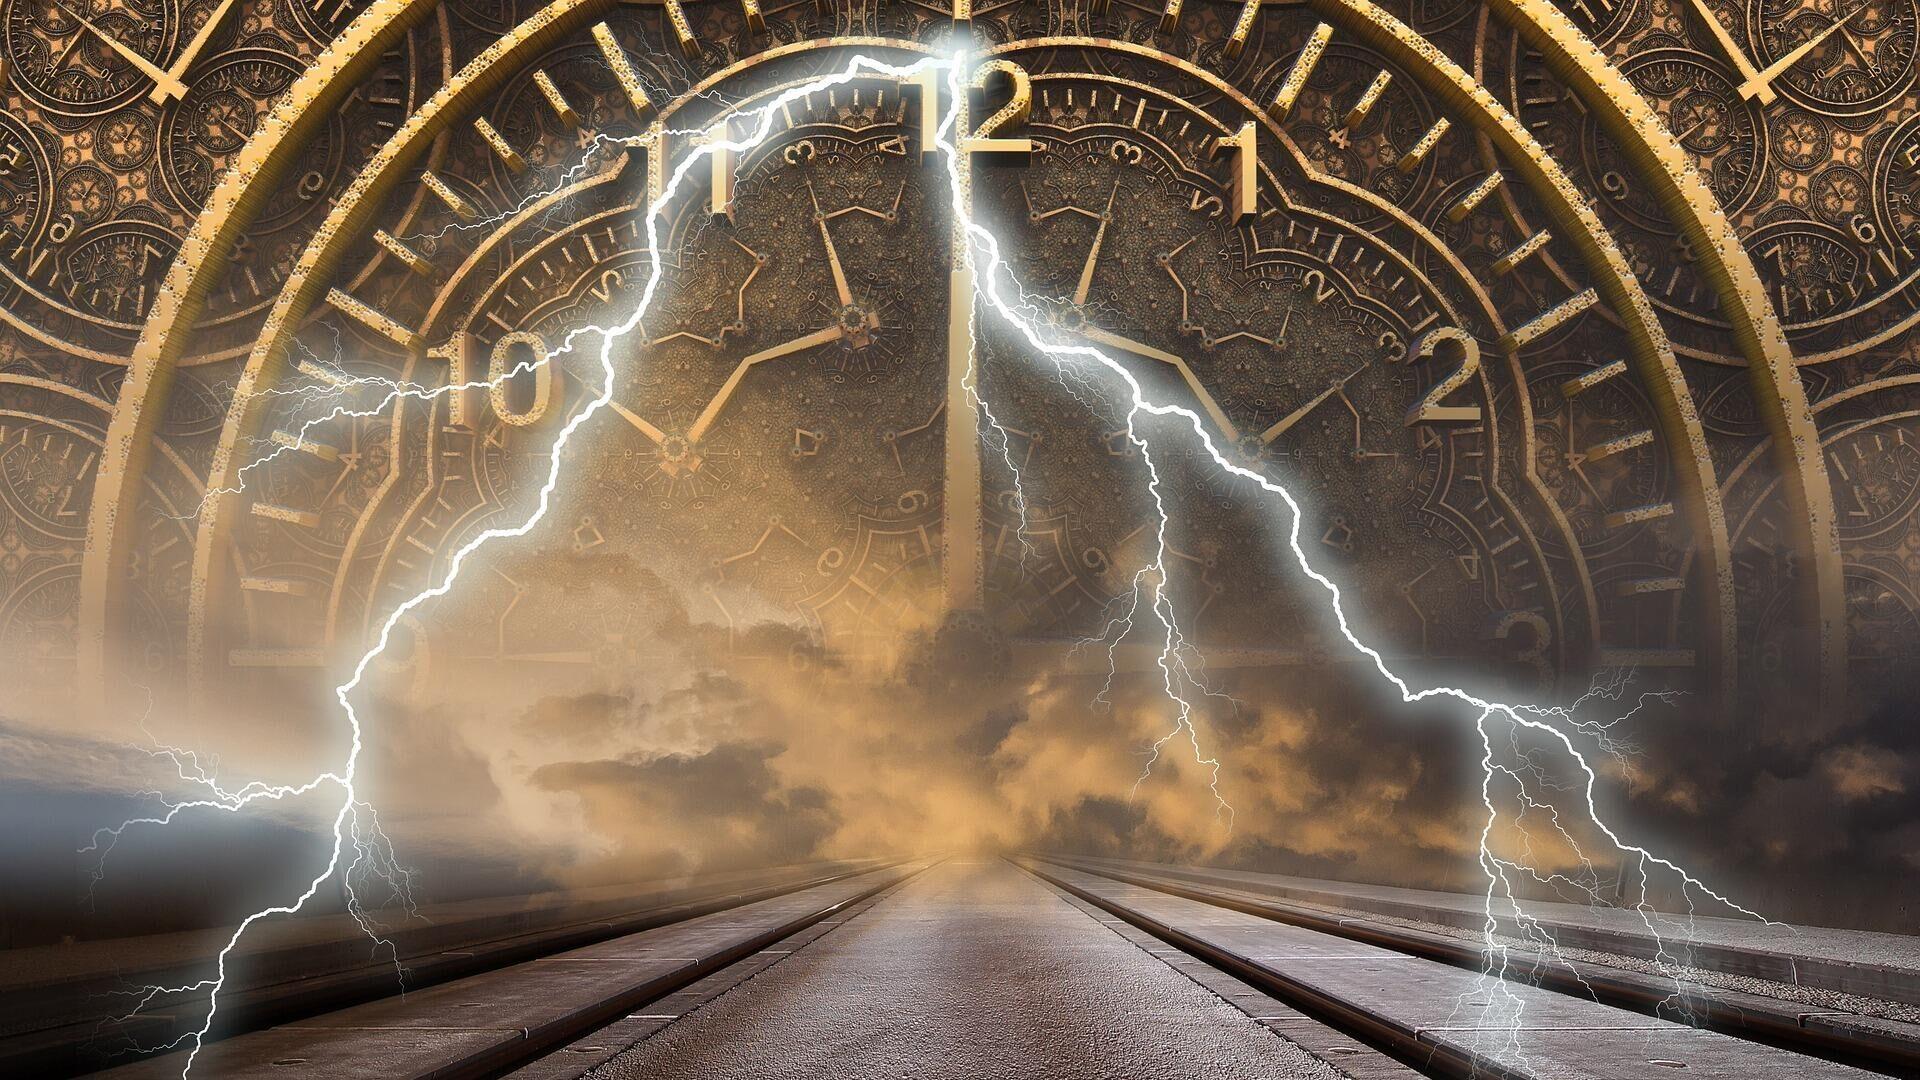 Macchina del tempo - immagine metaforica - Sputnik Italia, 1920, 17.09.2021